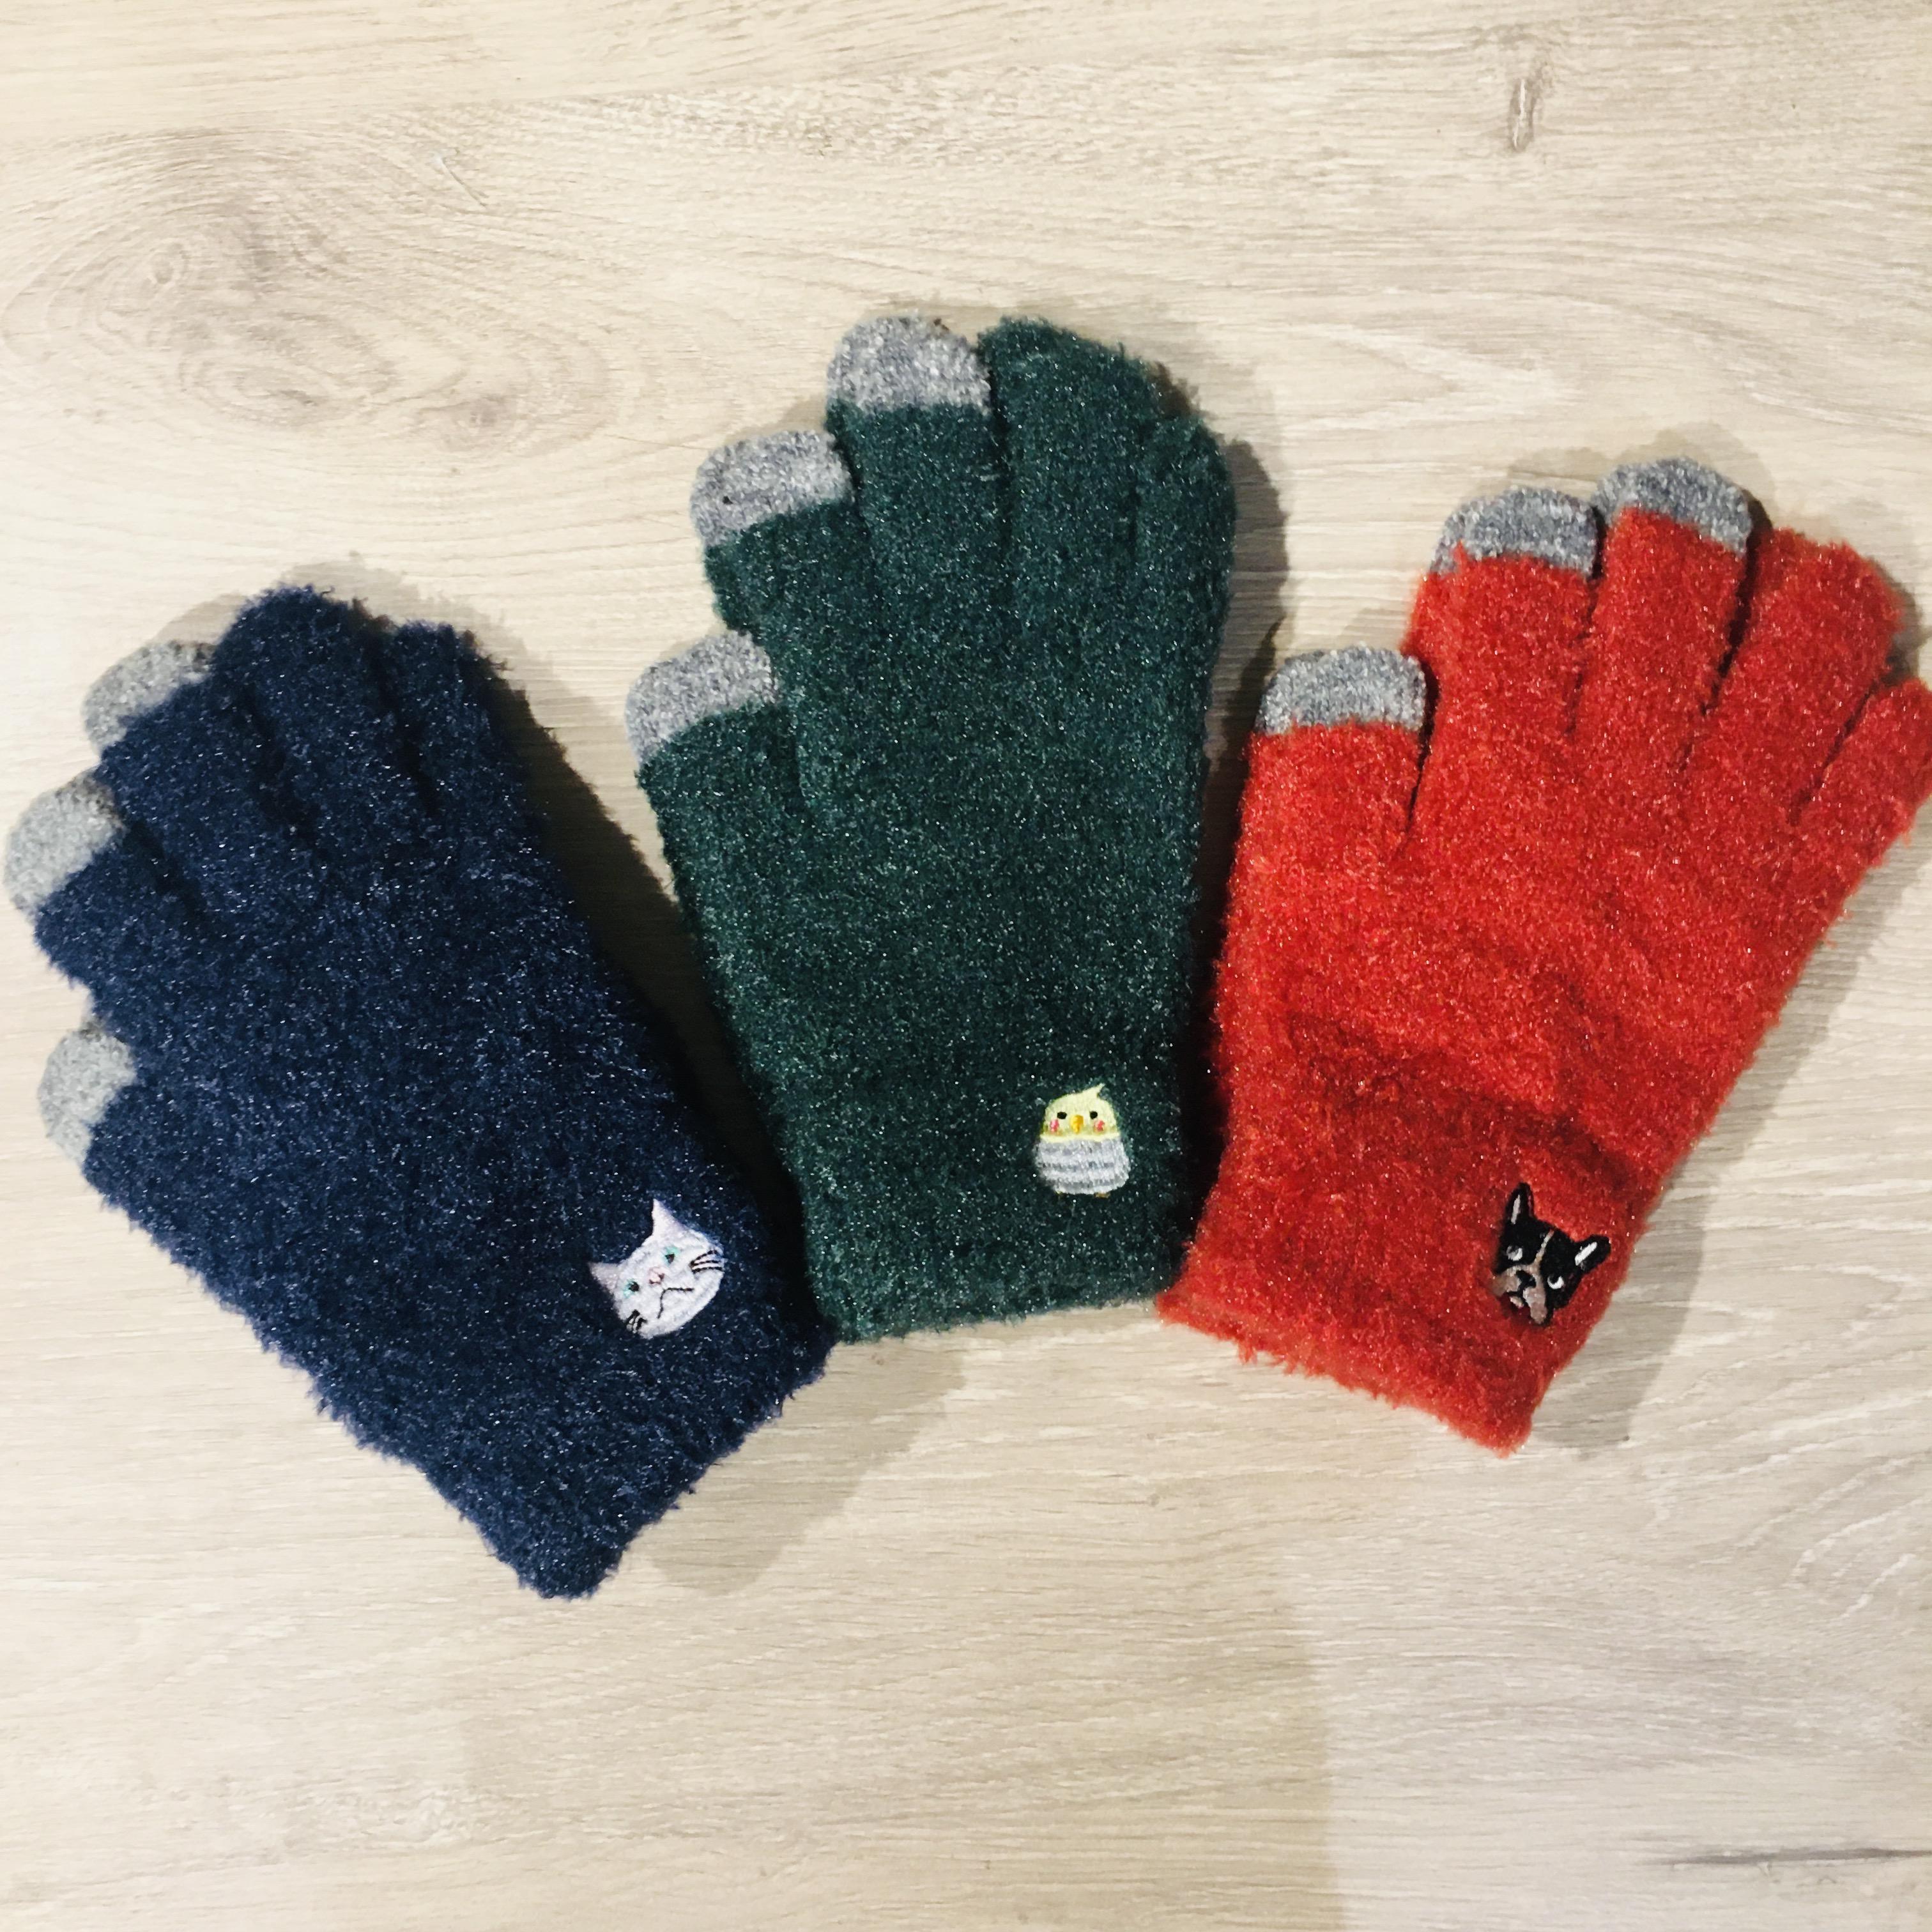 スマホ手袋<br /> ¥1500+税